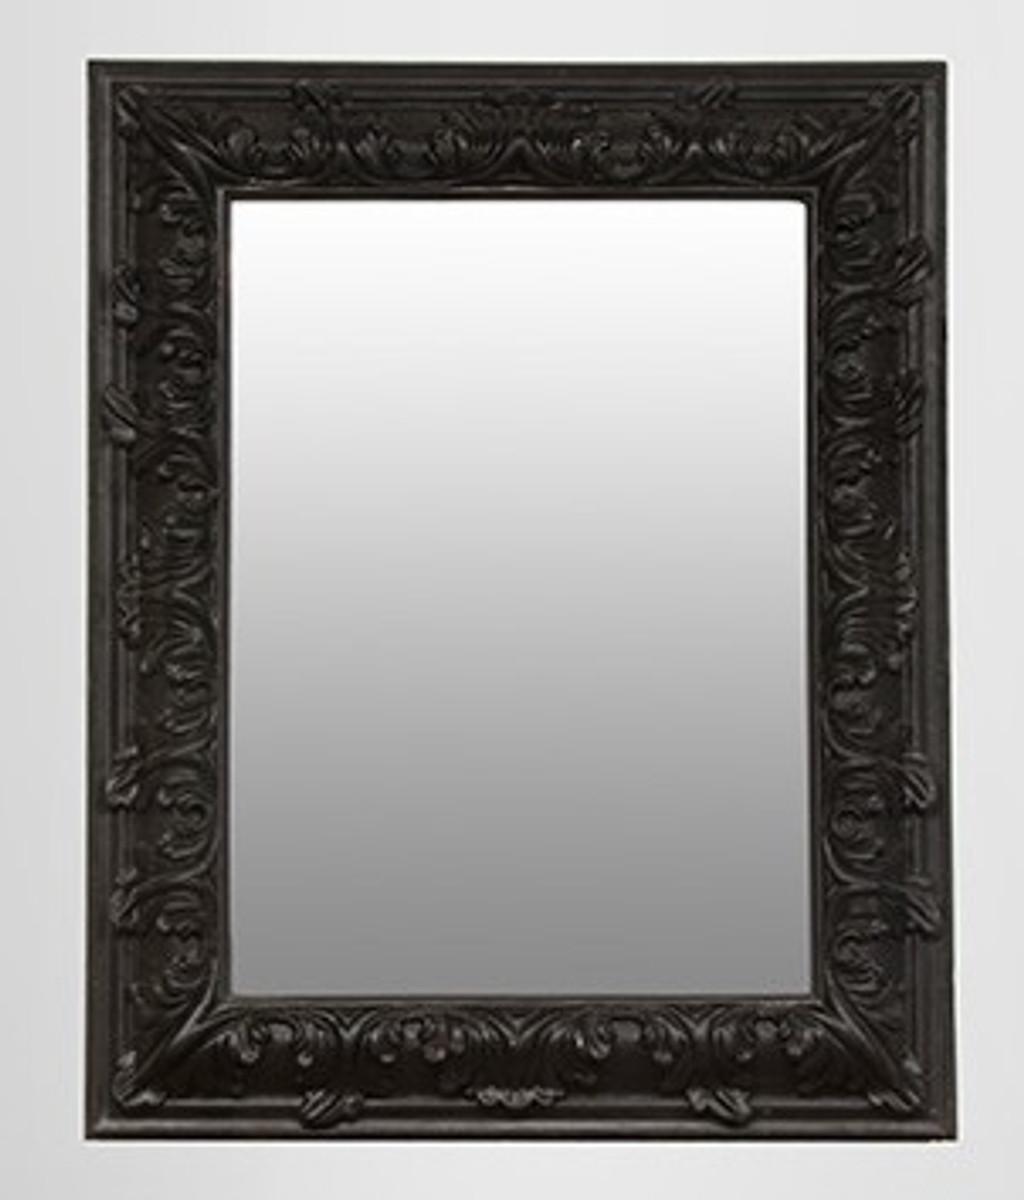 Pomp ser barock spiegel rechteckig schwarz 157 x 124 cm spiegel barock spiegel barock wandspiegel - Barock spiegel schwarz ...